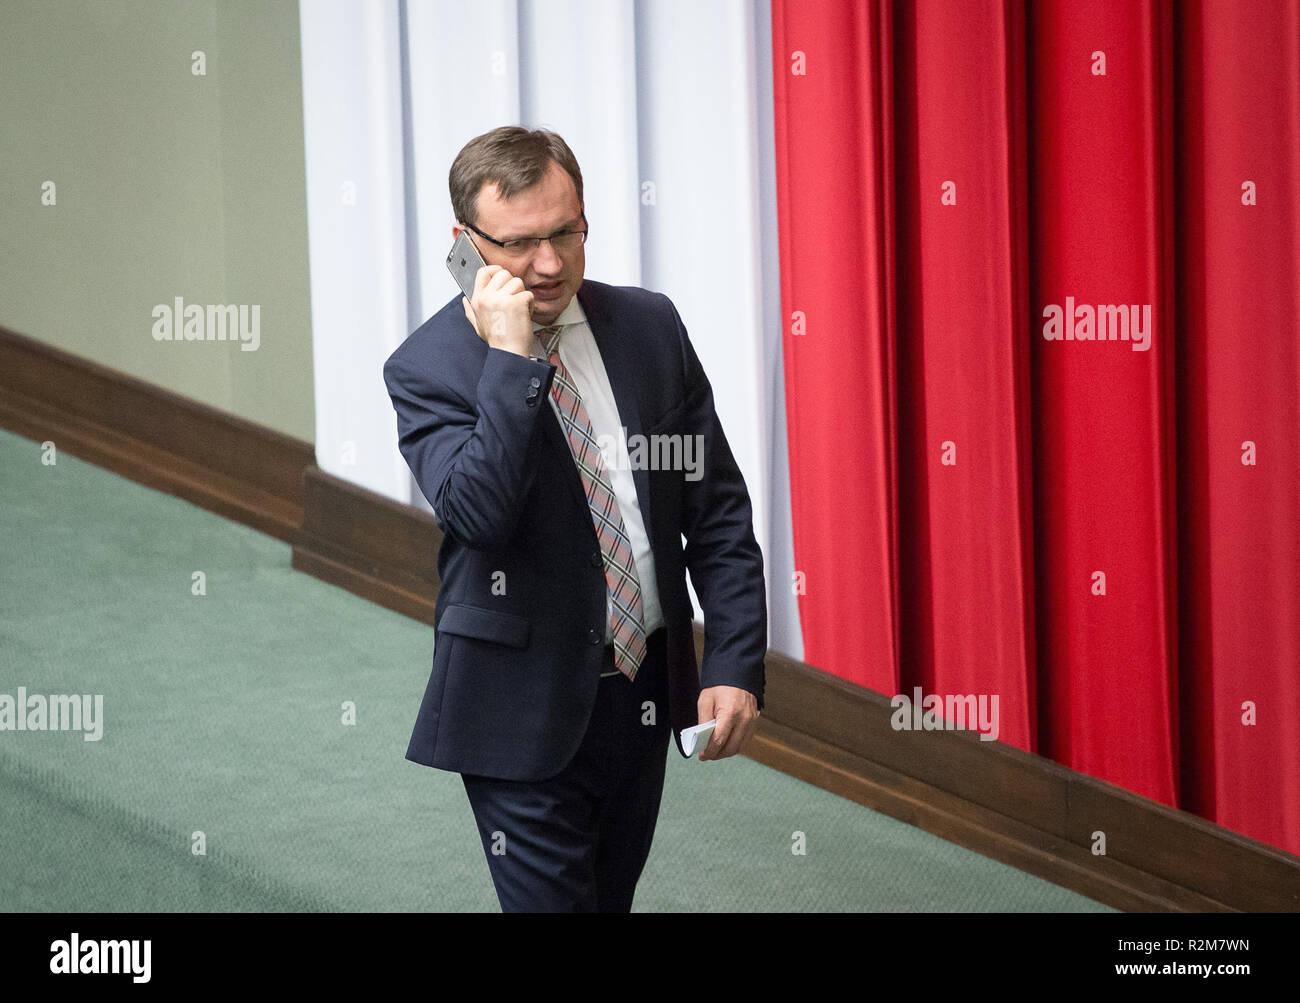 Ministre de la Justice Zbigniew Ziobro durant une nuit de débat sur un projet de loi sur la Cour suprême, à la chambre basse du Parlement polonais (Sejm) à Varsovie, en Pologne le 18 juillet 2017 Banque D'Images